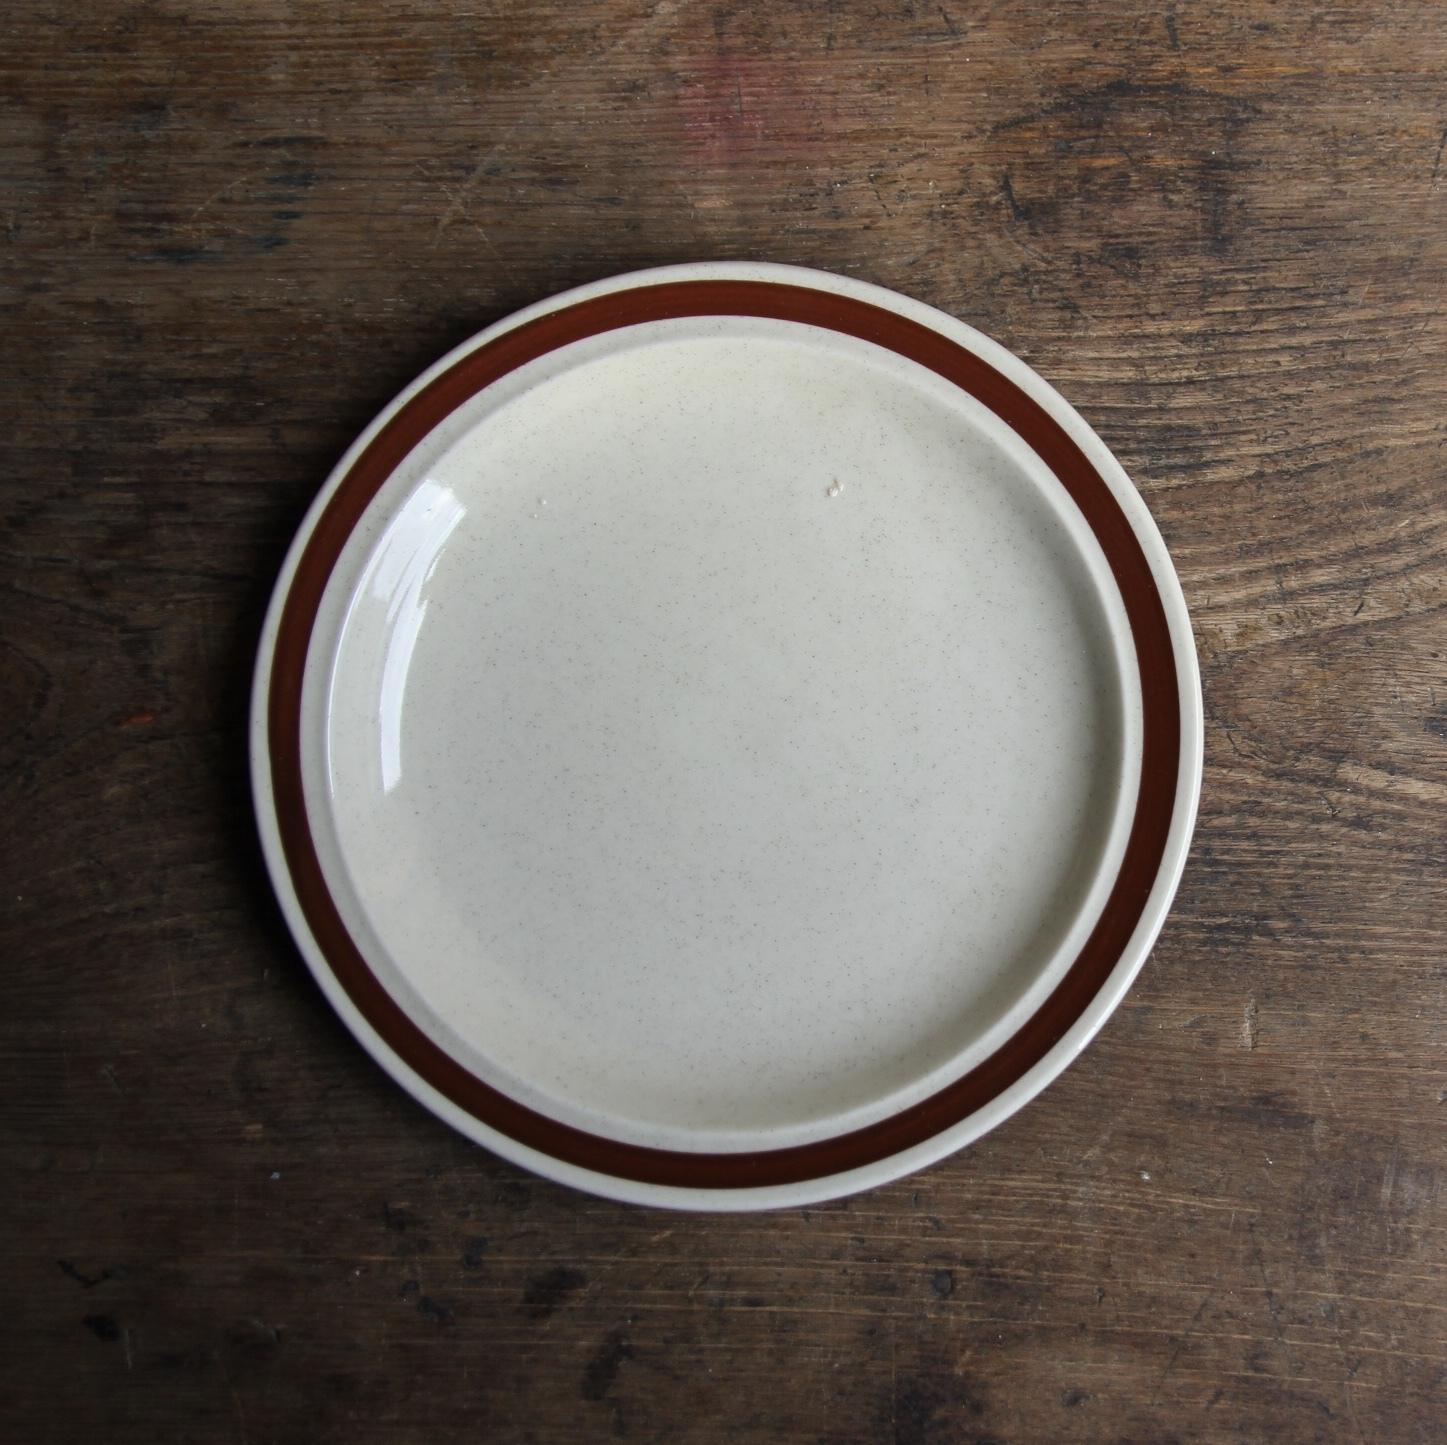 NORTHLAND 梨地のストーンウェア小皿 在庫3枚